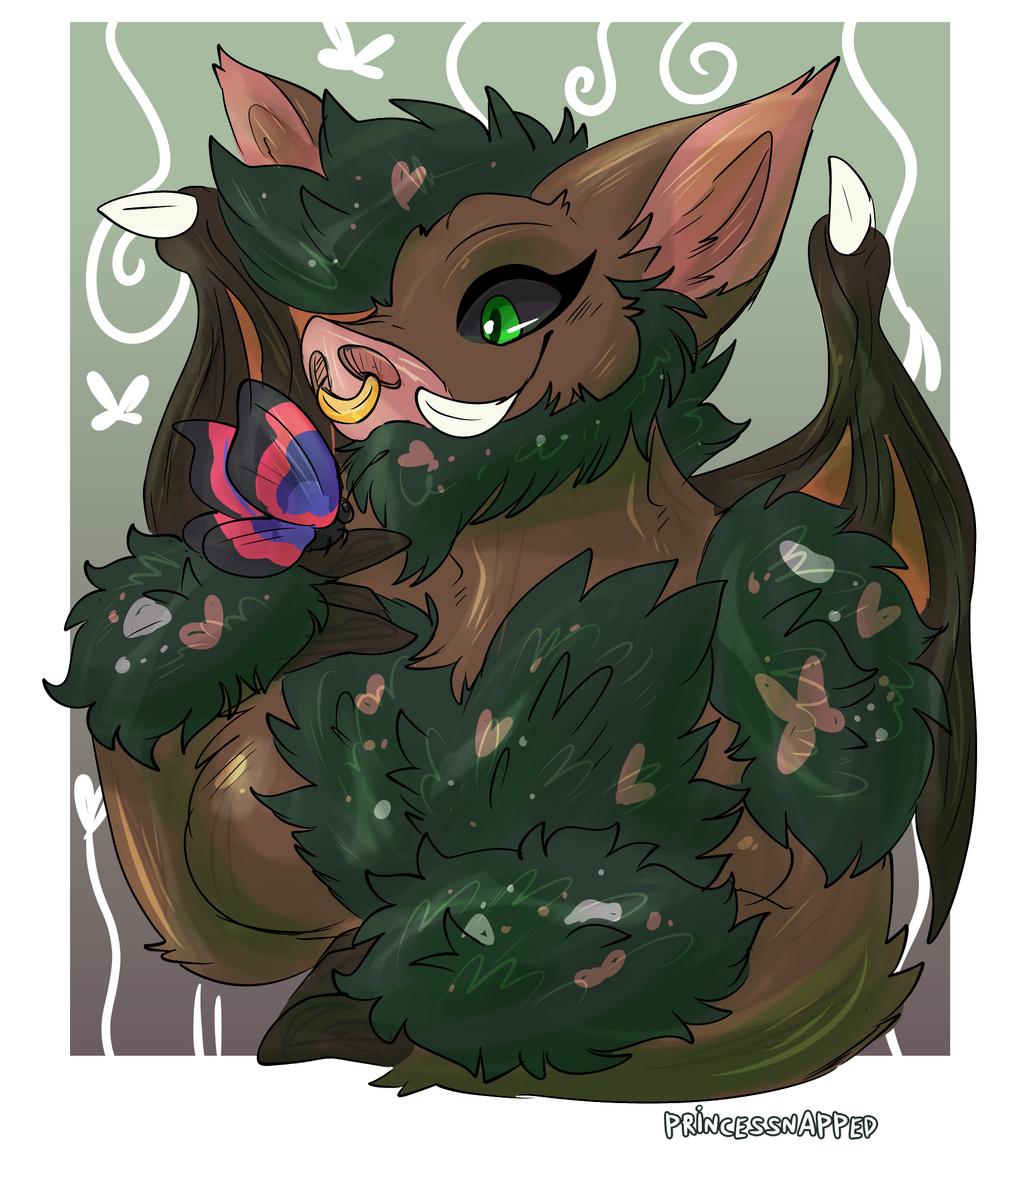 Boar has a new friend - Art by Princessnapped